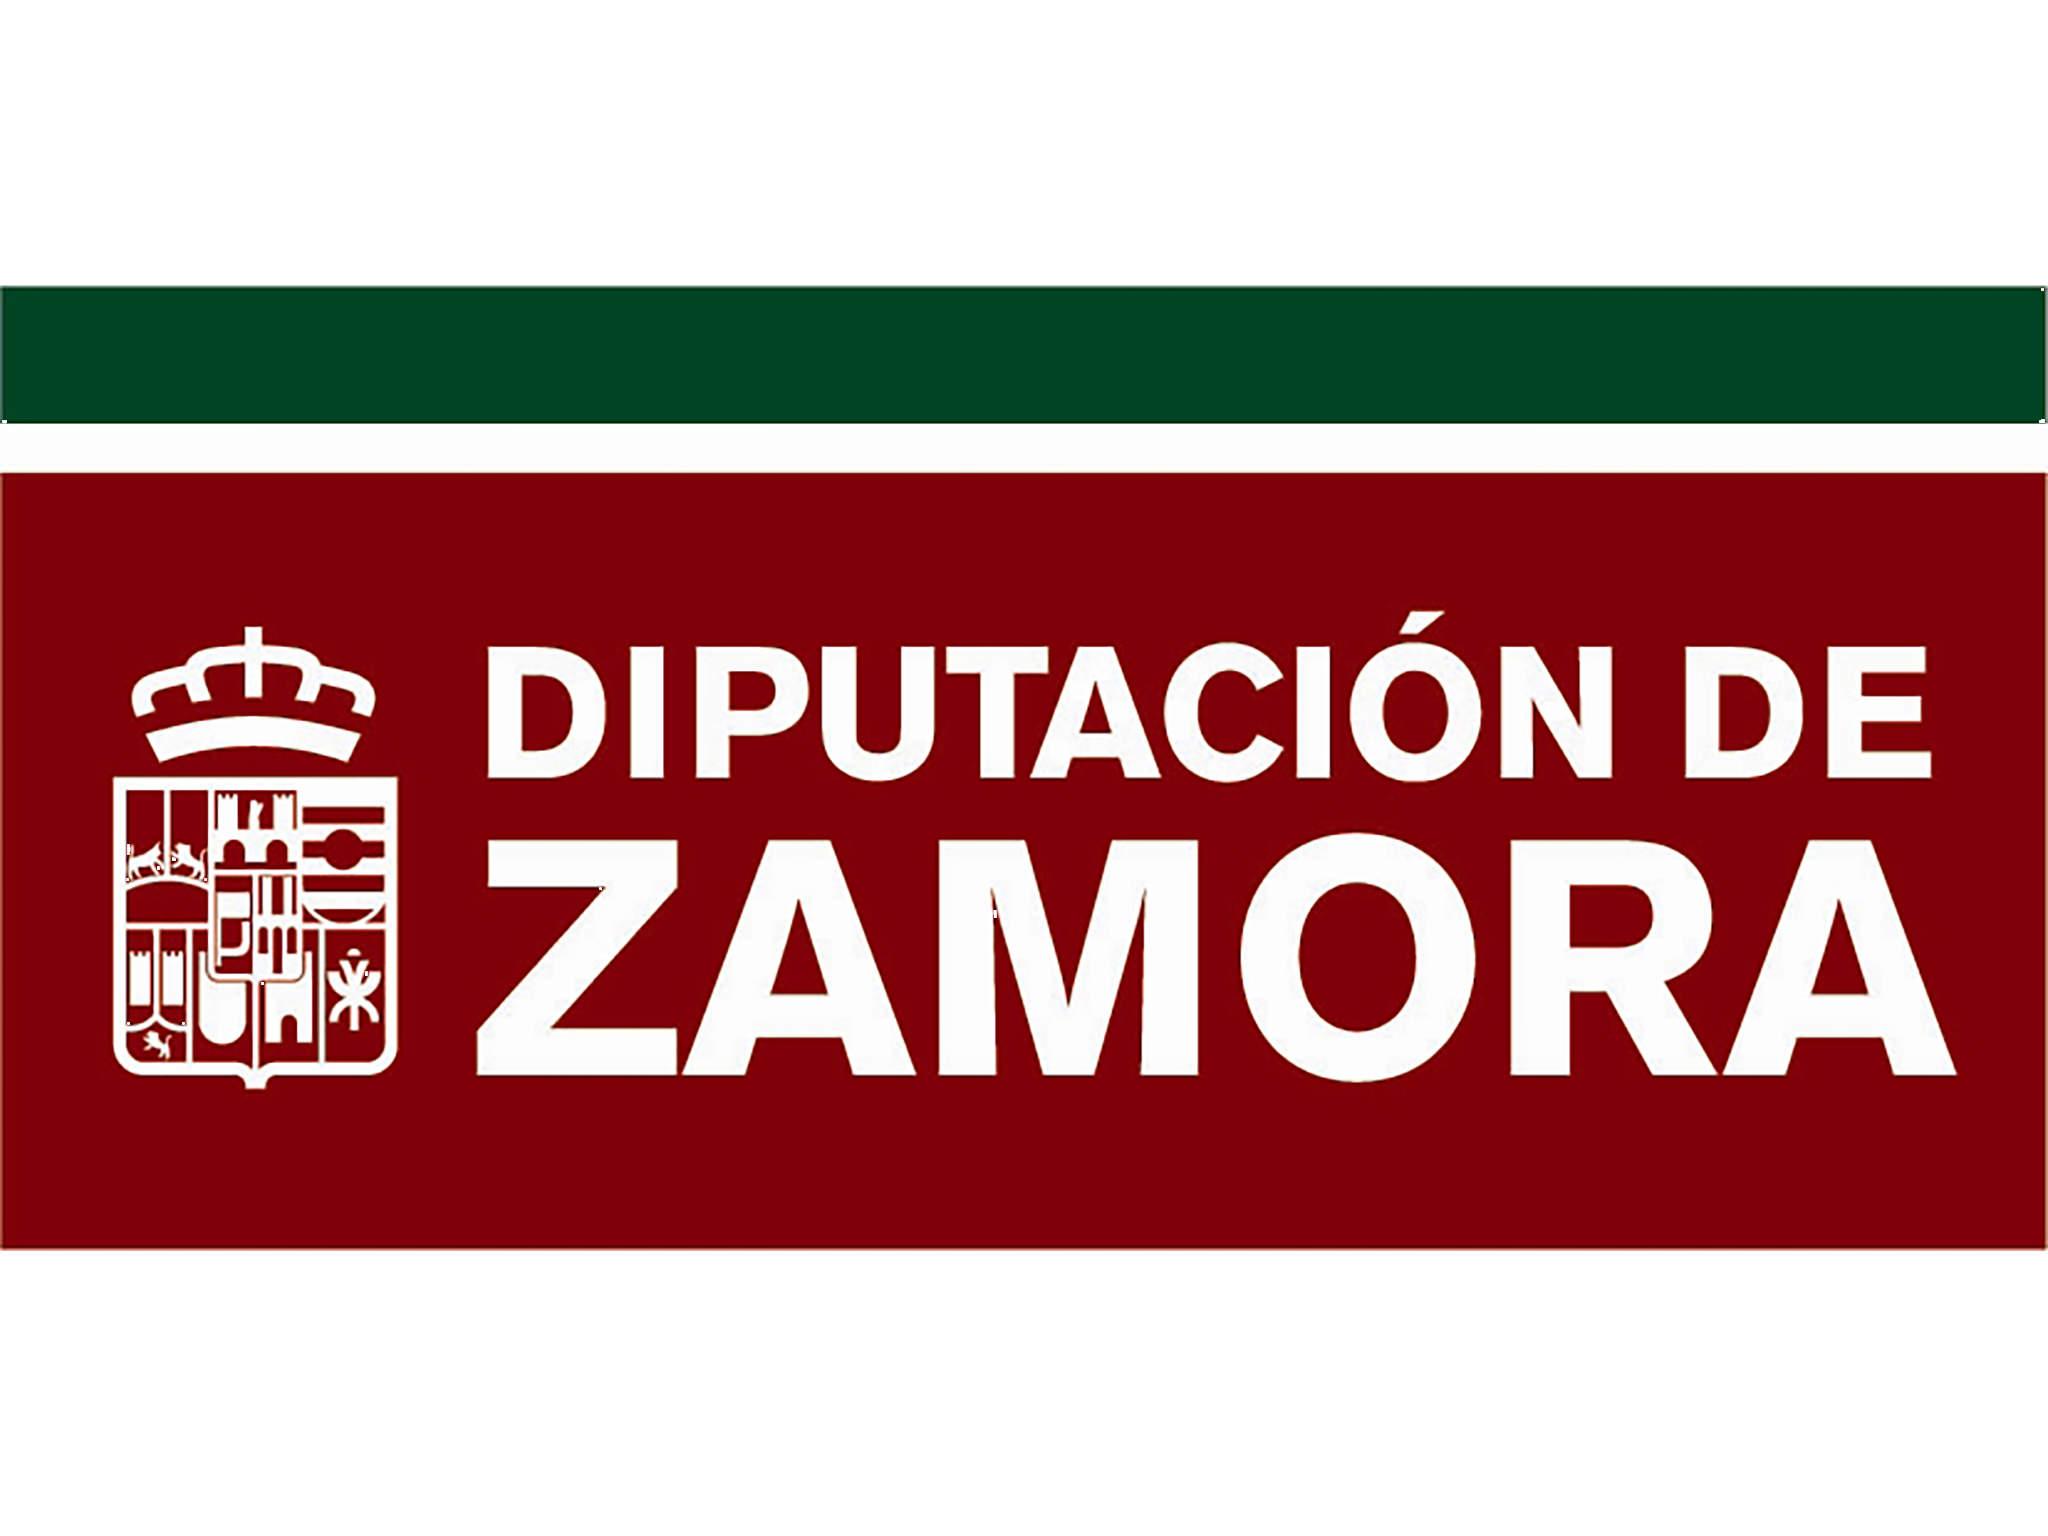 02_logo_diputacion_de_zamora